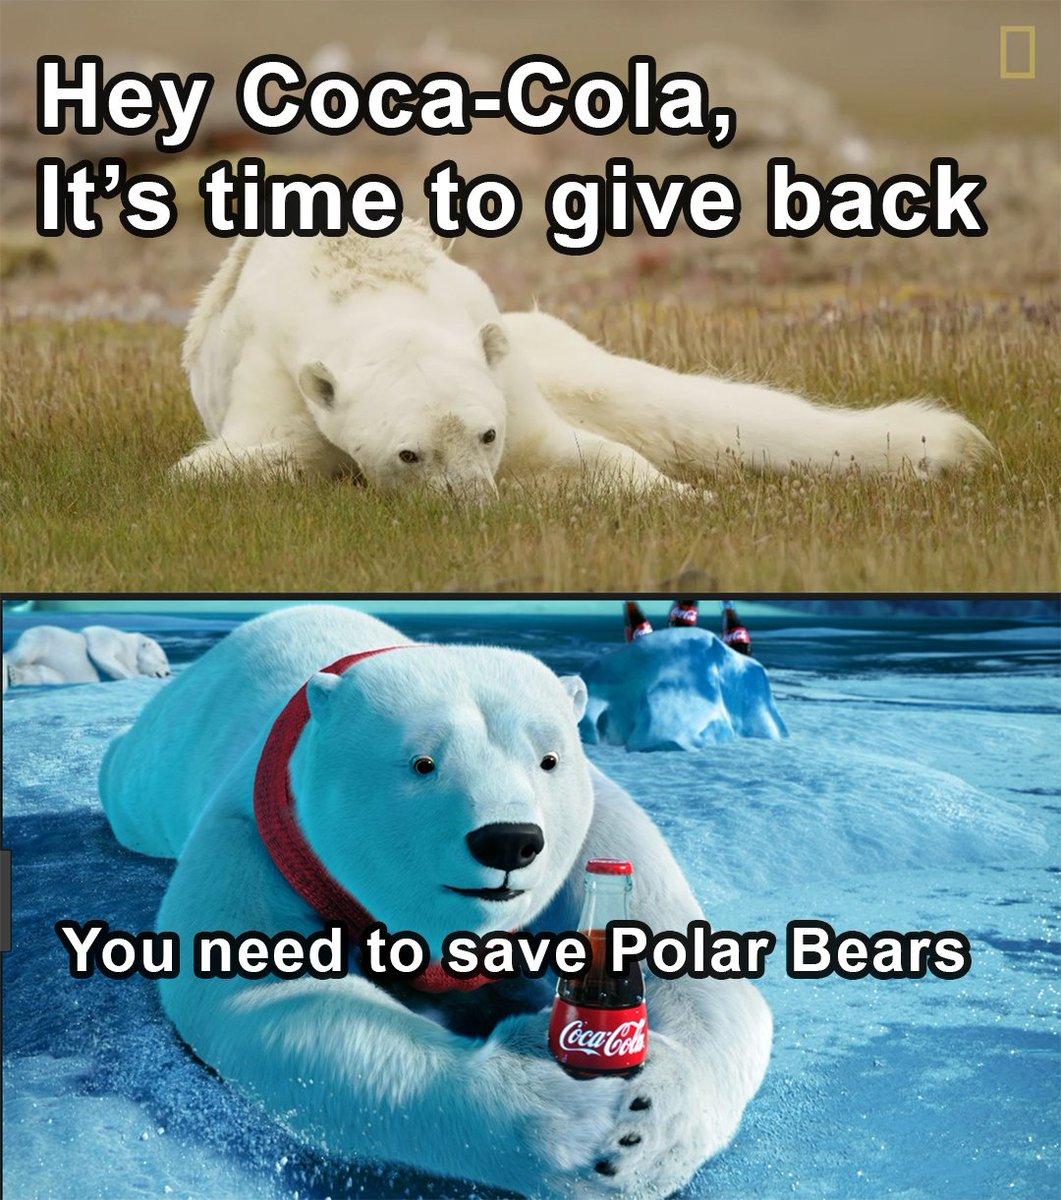 saving the polar bears essay Can ninjas save polar bears kids offer drawings, ideas (photos) for saving polar bears into the essay about how to save the arctic bears.